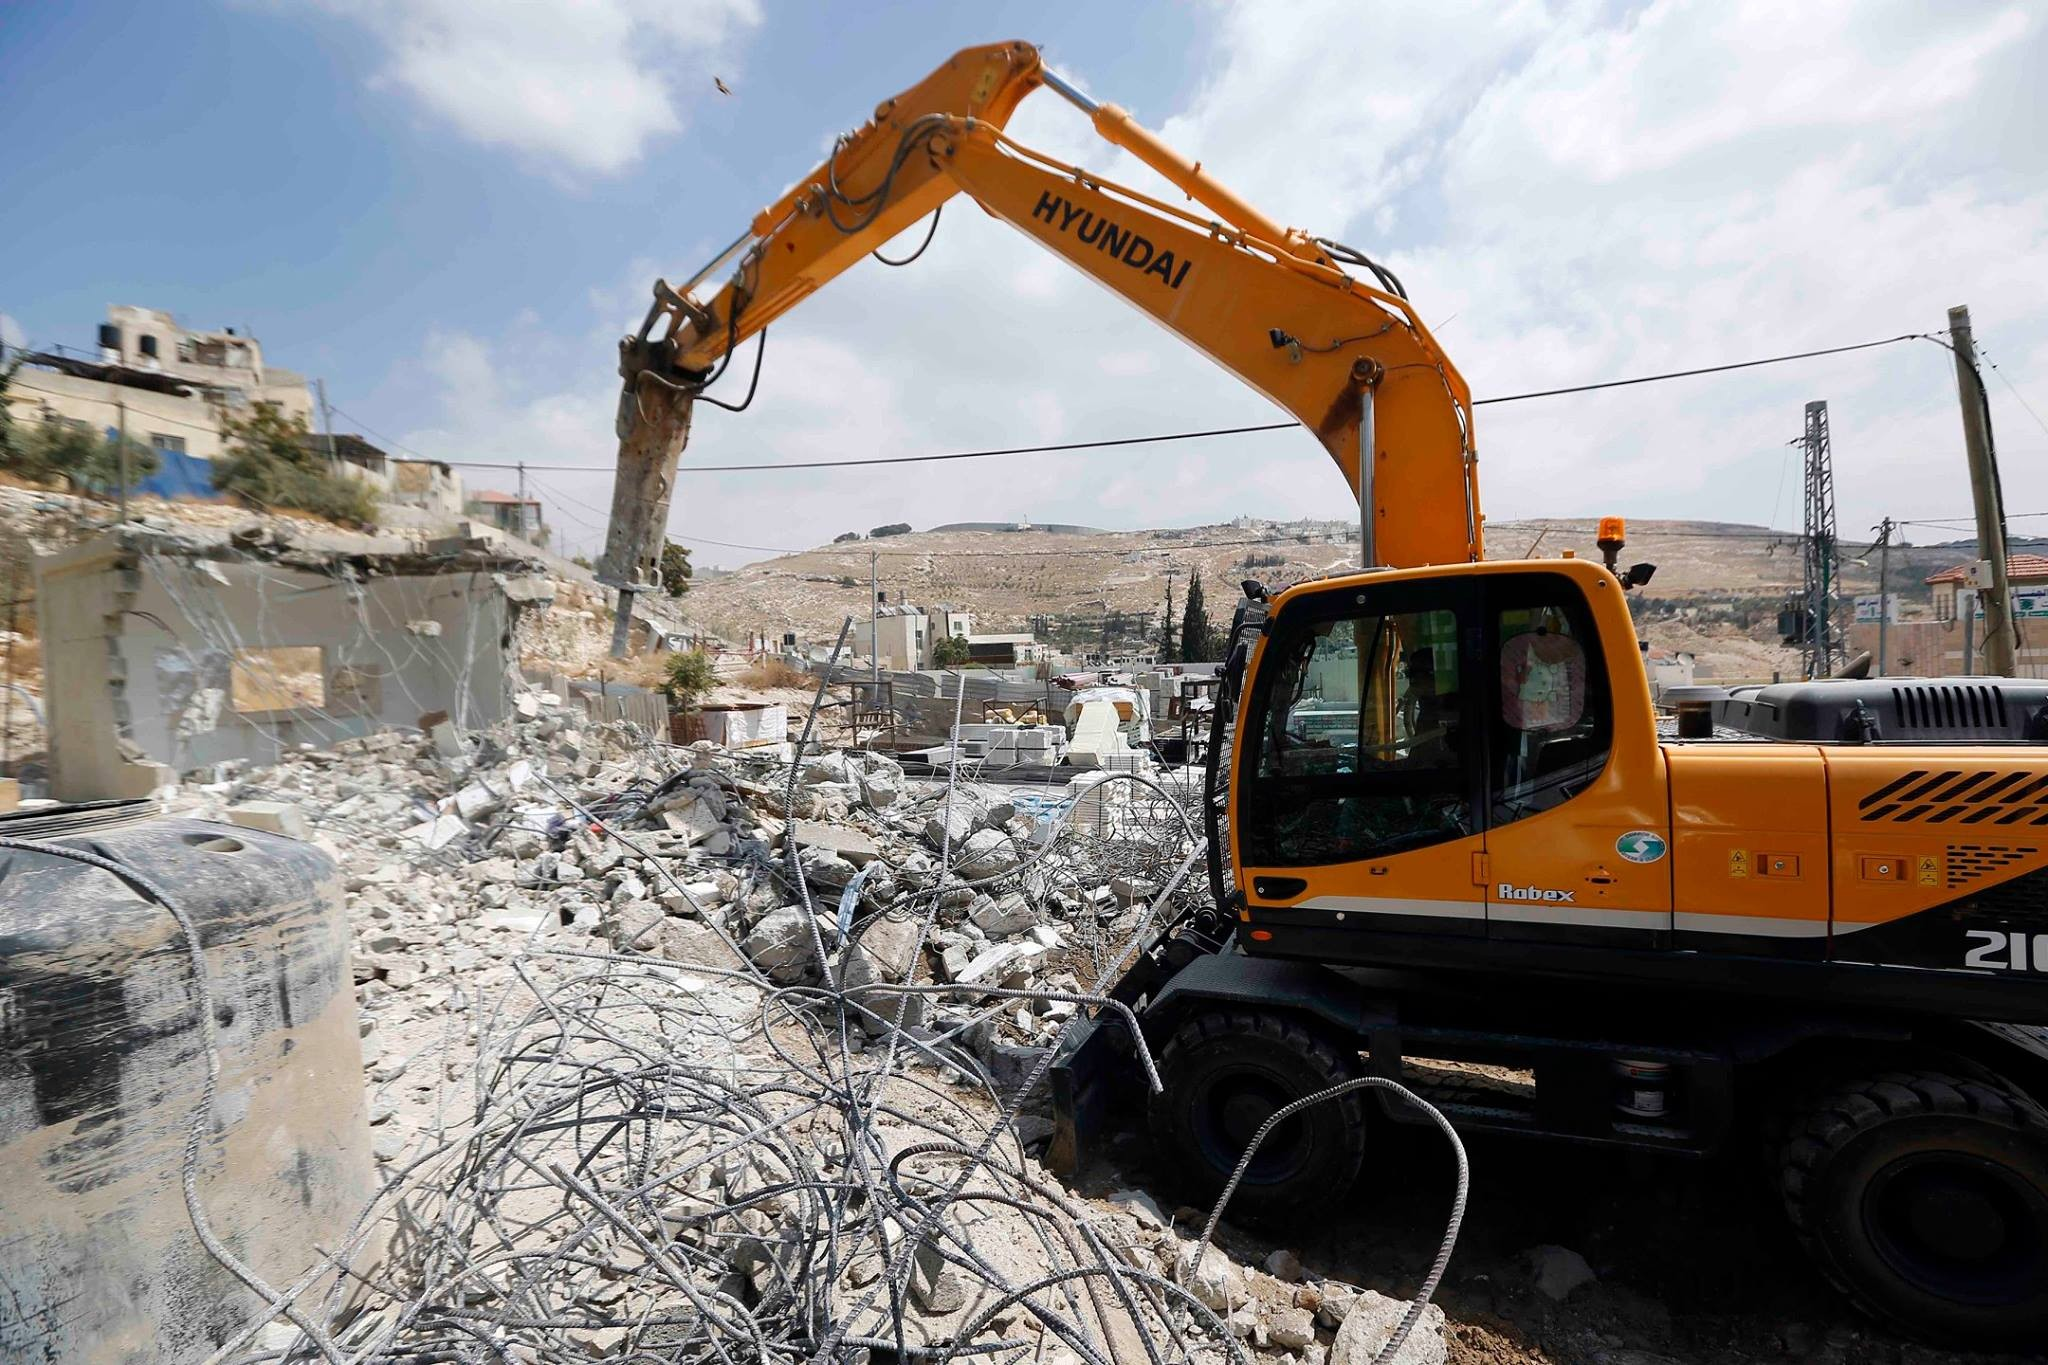 الاحتلال يهدم منزلين بالقدس وبركسا في بيت جالا